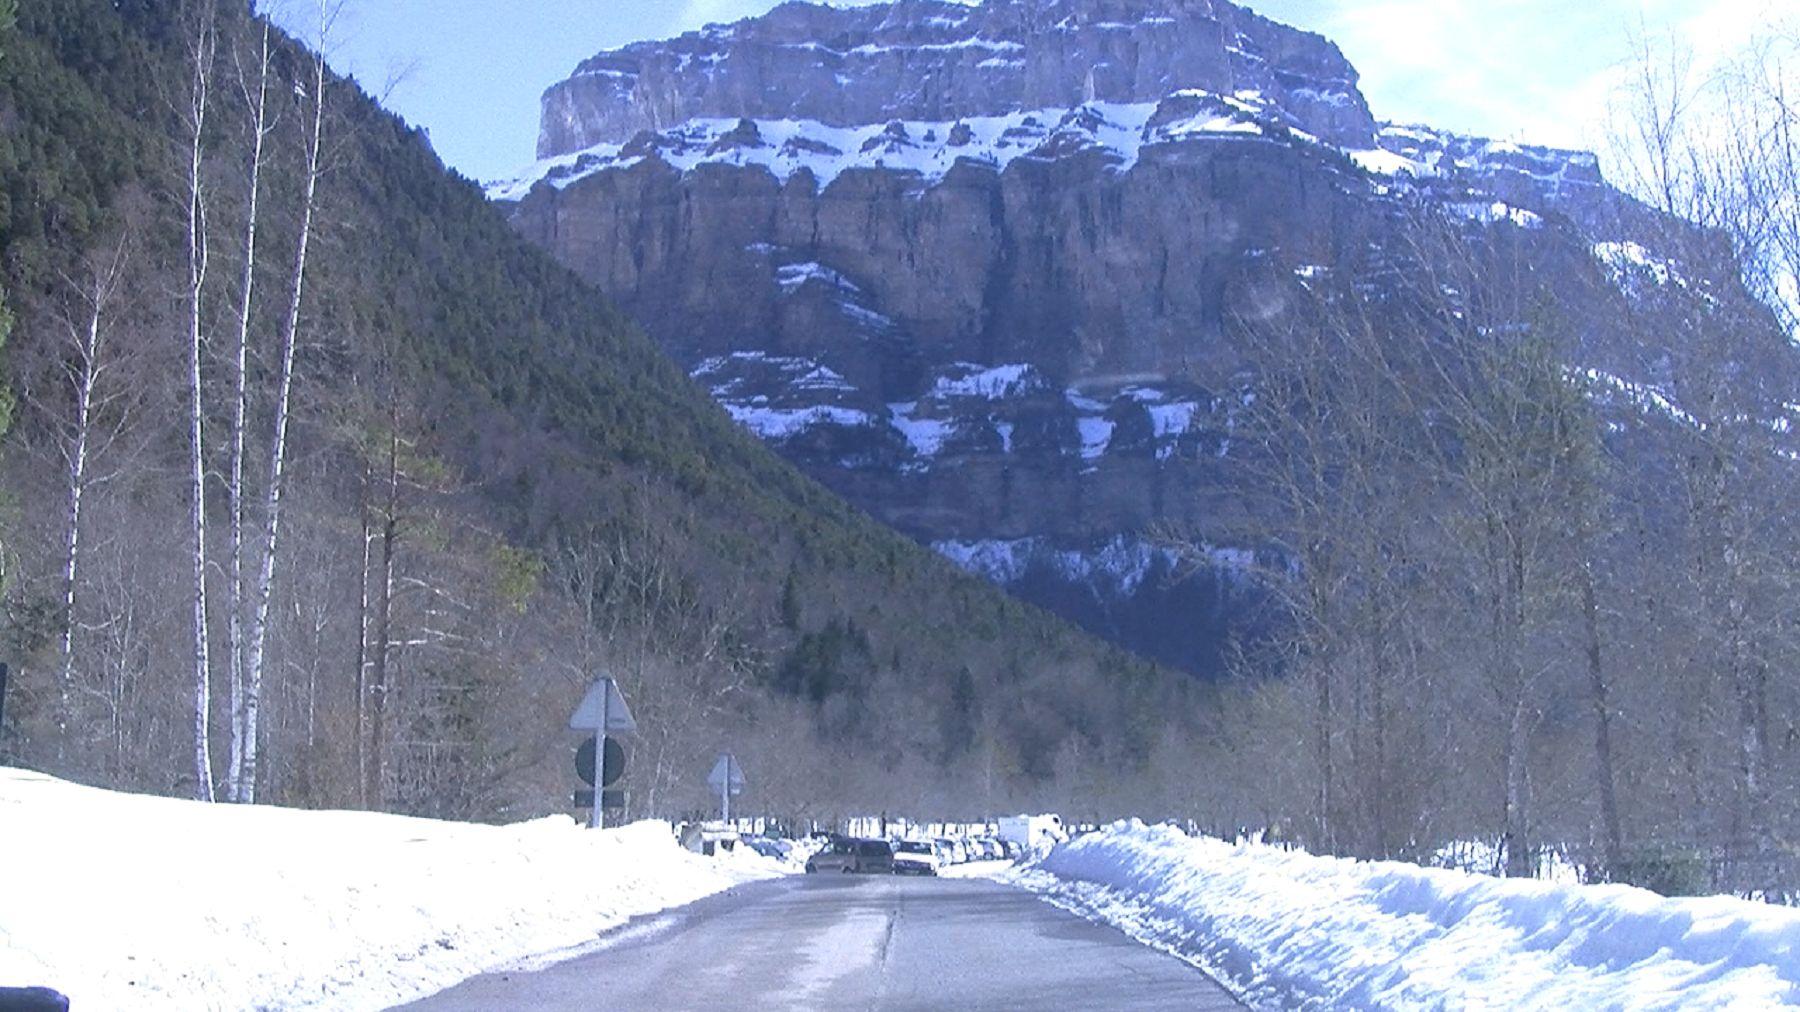 La carretera A-135 que da acceso al Parque Nacional de Ordesa. Foto: SobrarbeDigital